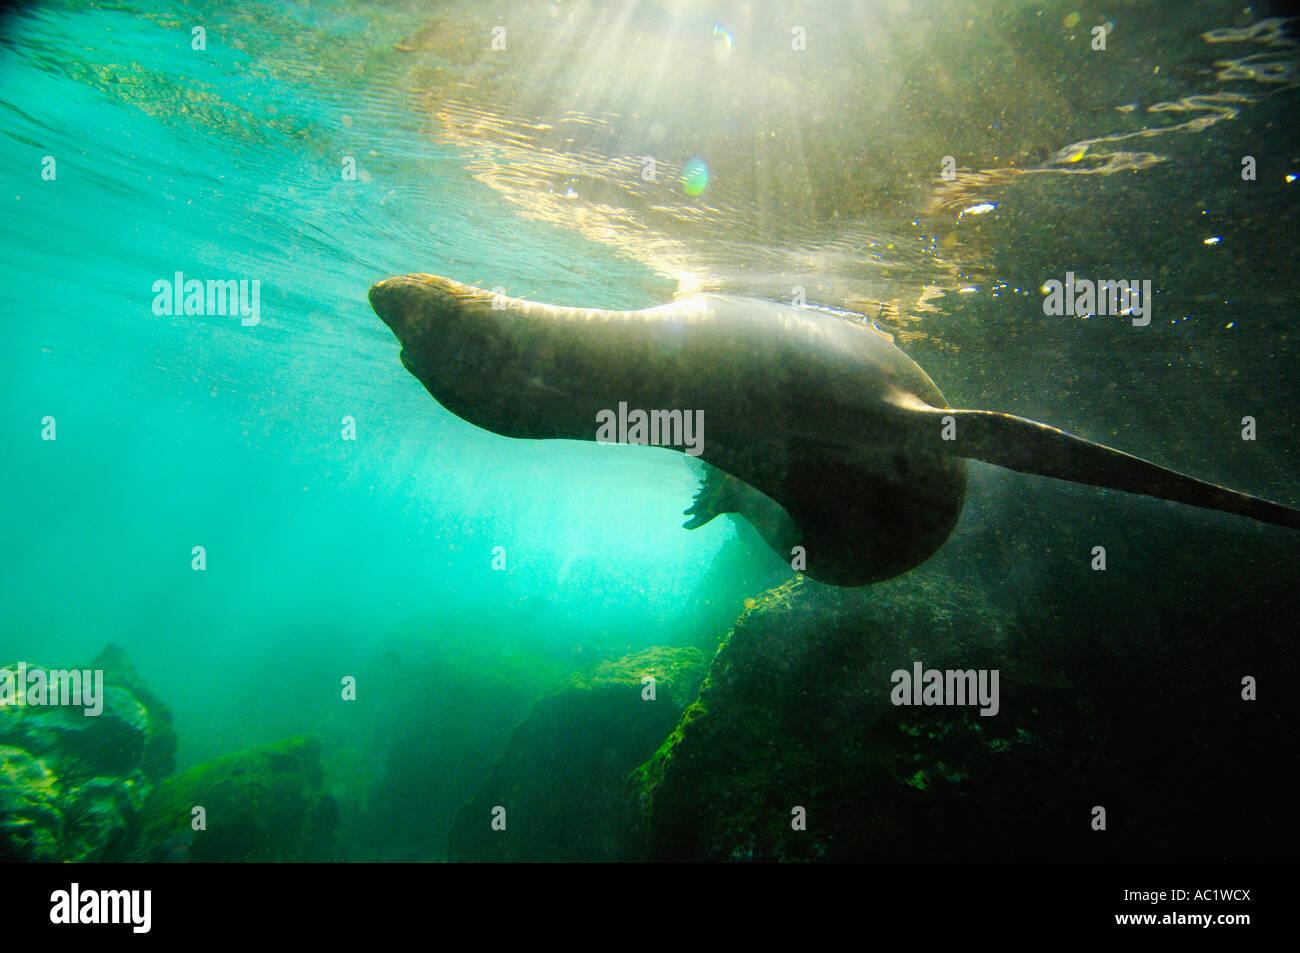 Galapagos Sea Lion, close-up - Stock Image